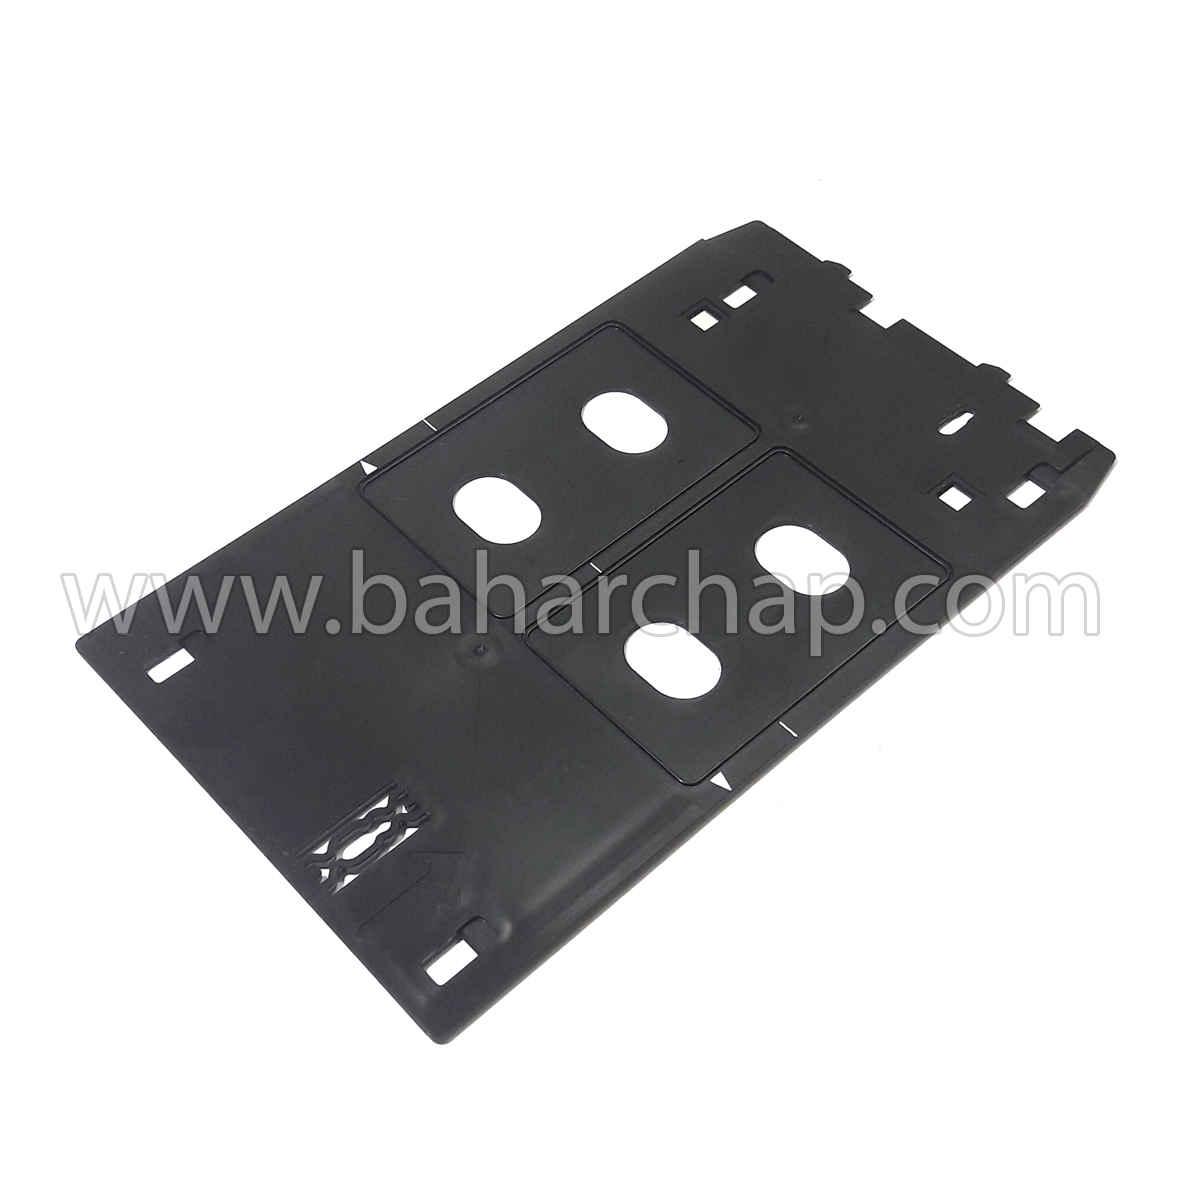 فروشگاه و خدمات اینترنتی بهارچاپ اصفهان-سینی مخصوص پرینت کارت PVC ویژه پرینترهای کان J-PVC Card Tray for Canon J Tray Printers